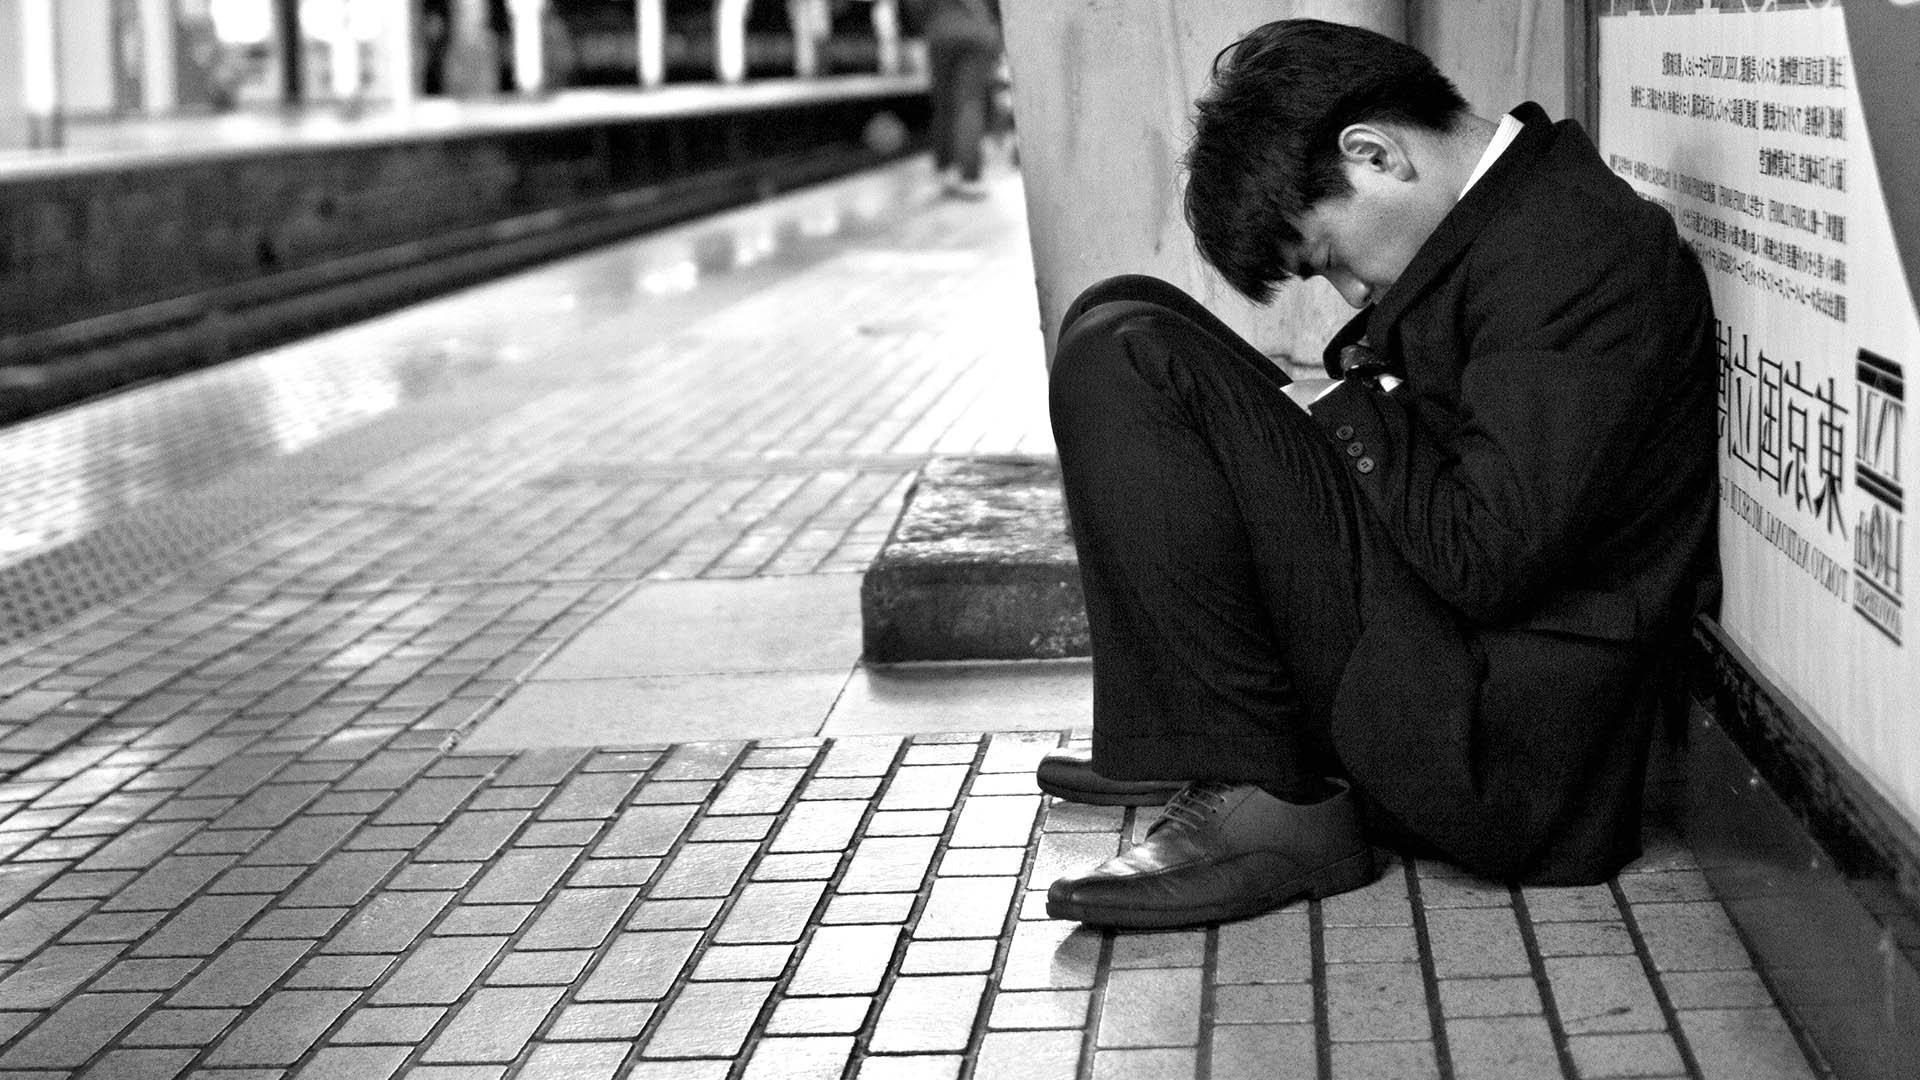 Пандемия ковида слабо повлияла на число суицидов